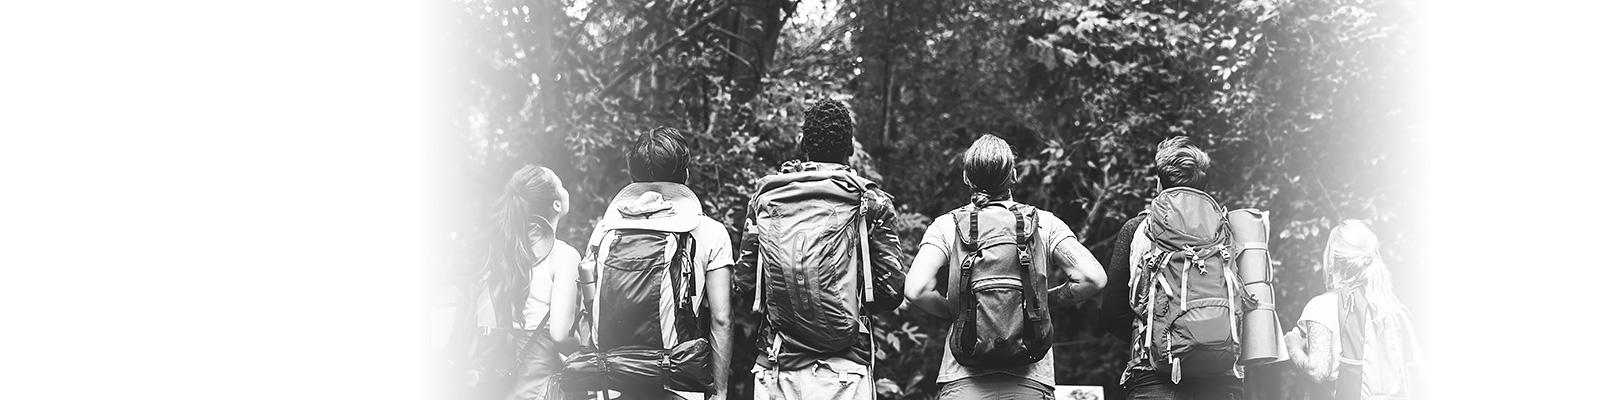 若者 挑戦 森 多様性 イメージ